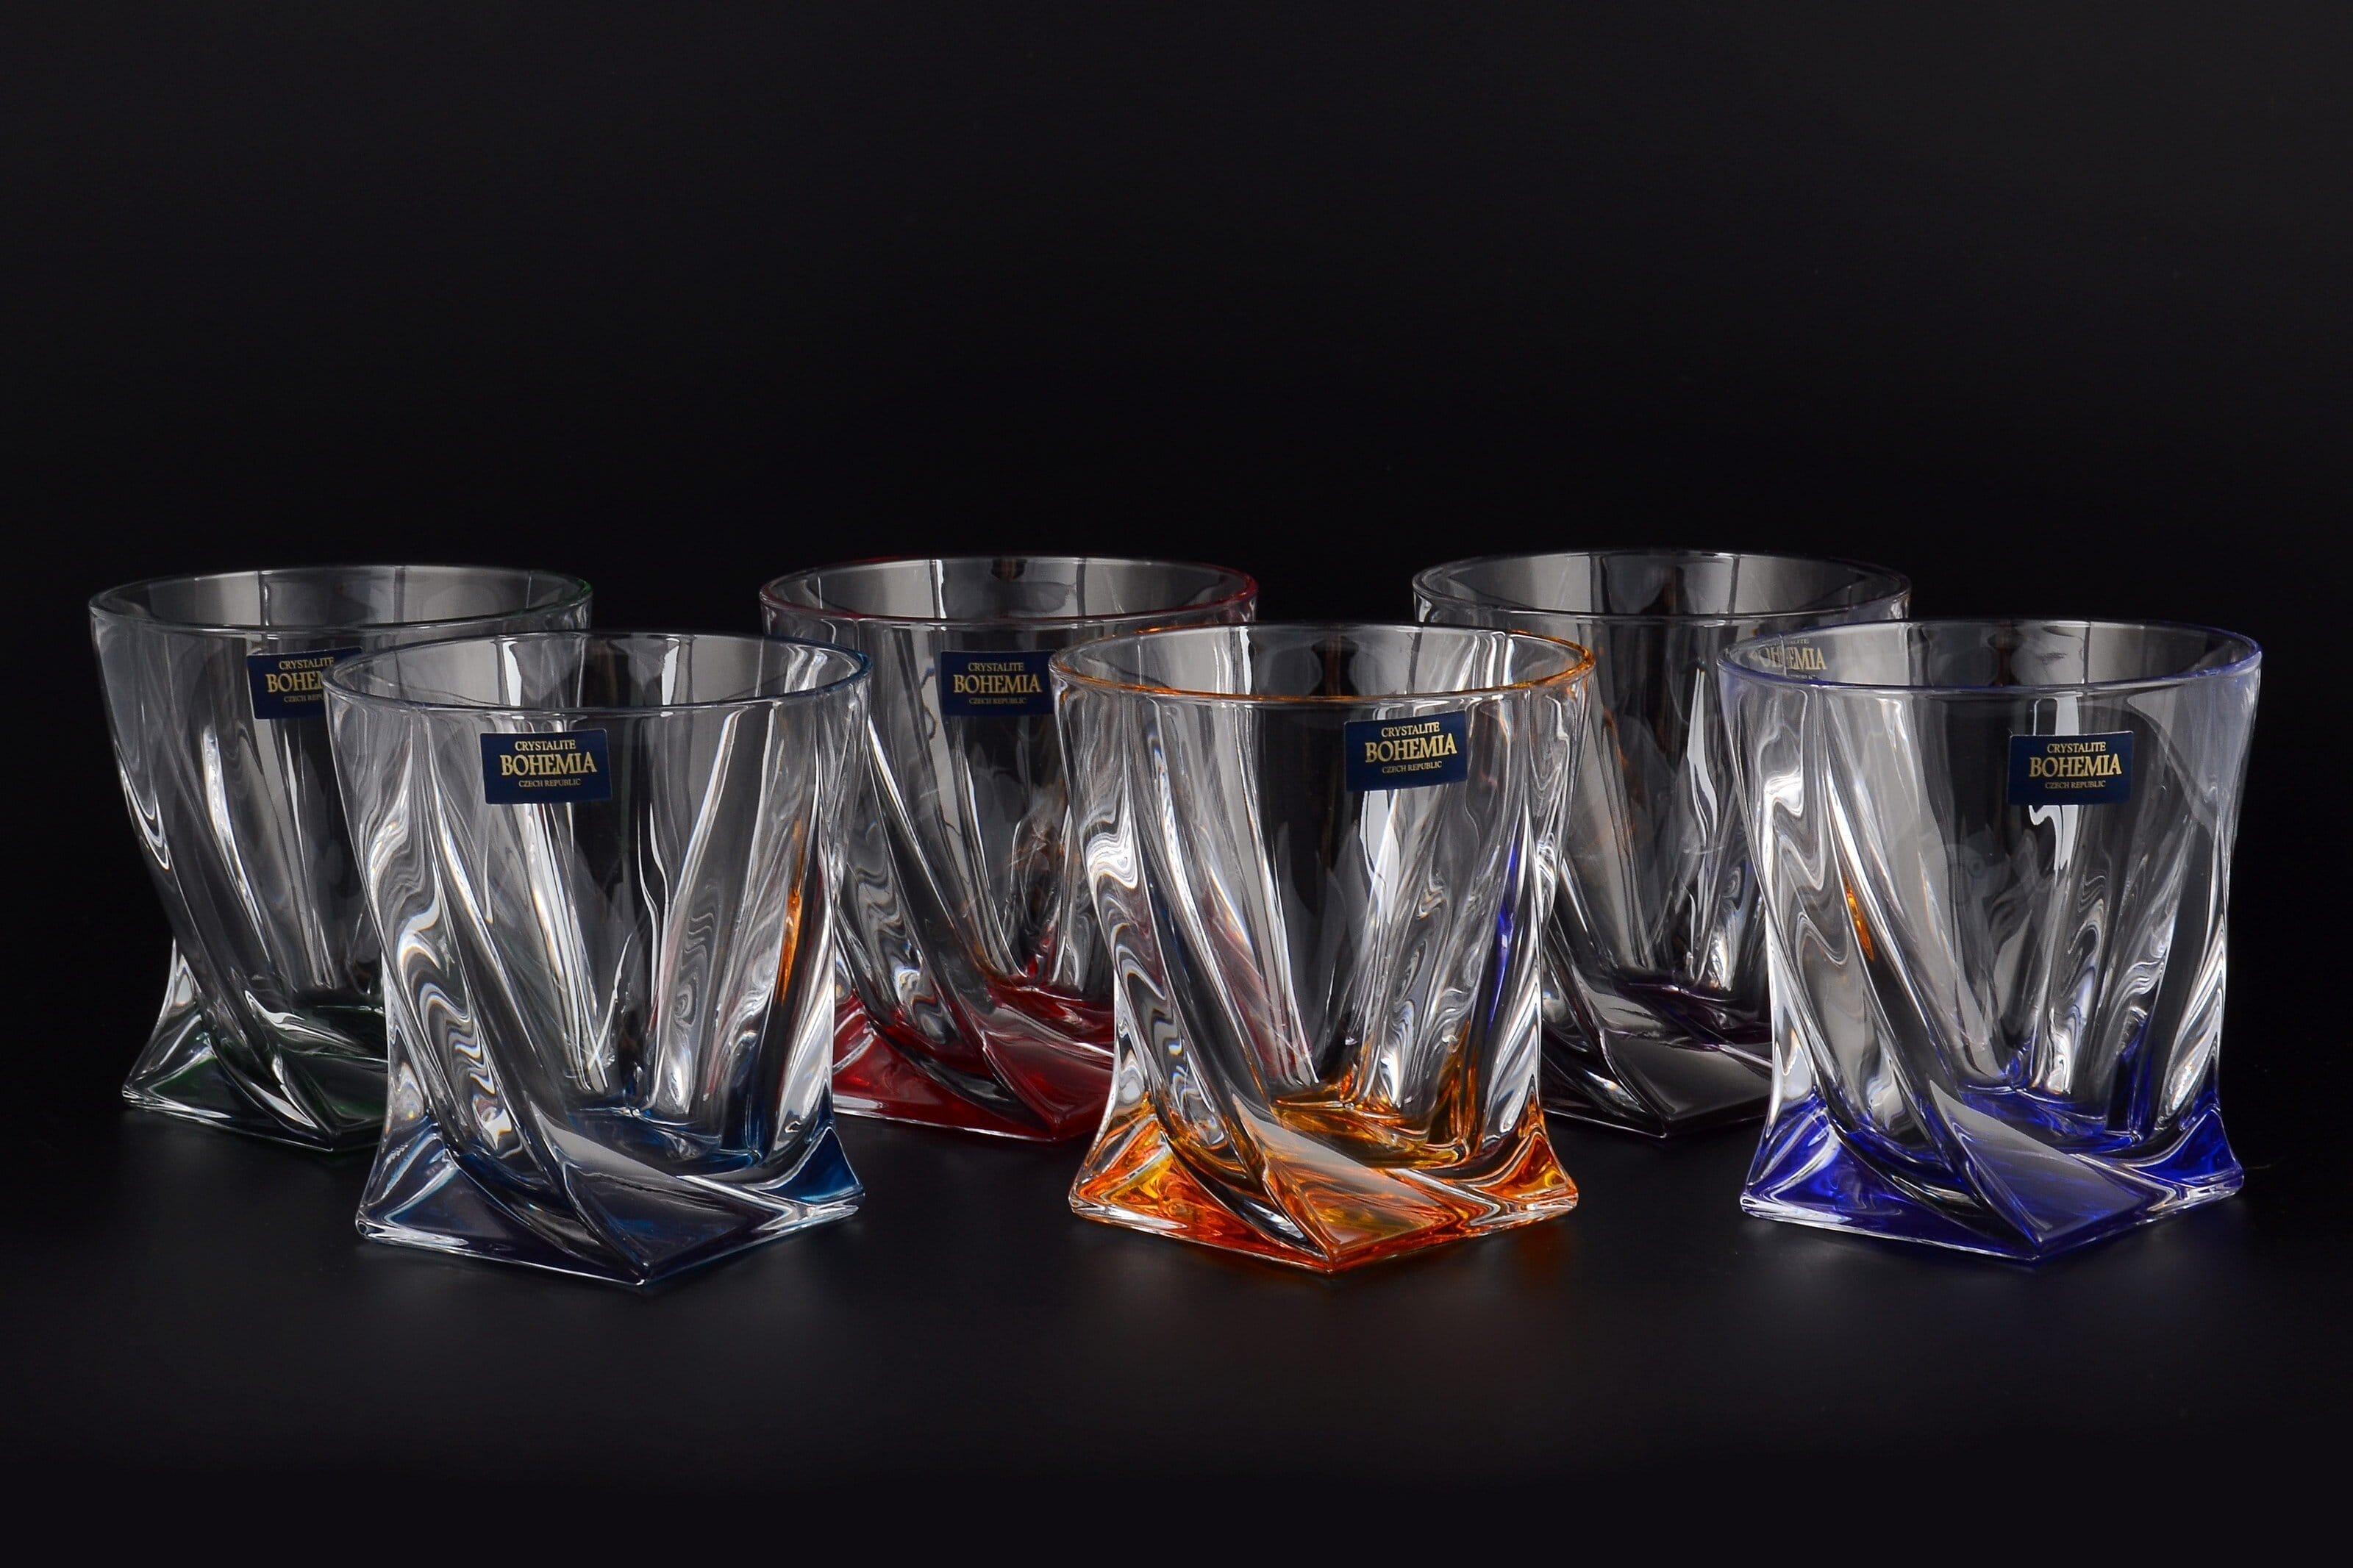 Келихи для віскі: як називаються судини для дегустації, набори, оригінальні келихи-тюльпани і рокс